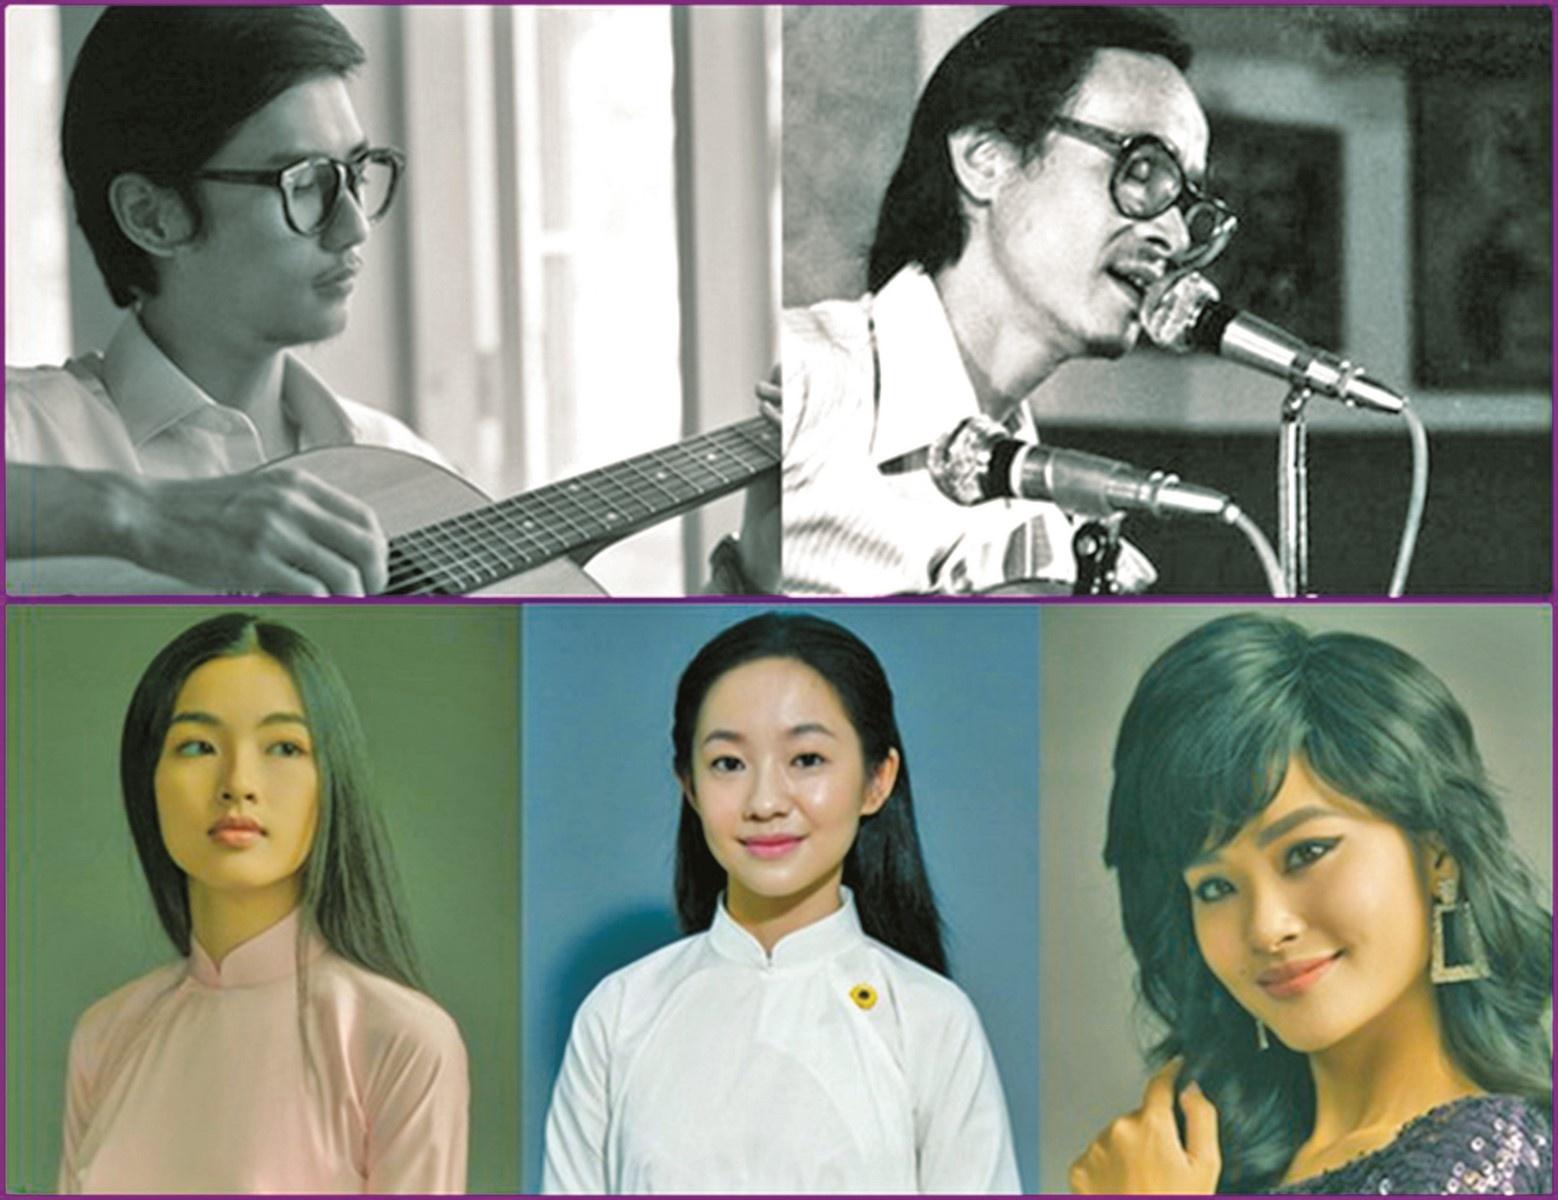 Em và Trịnh sẽ phát sóng vào giáng sinh năm 2021